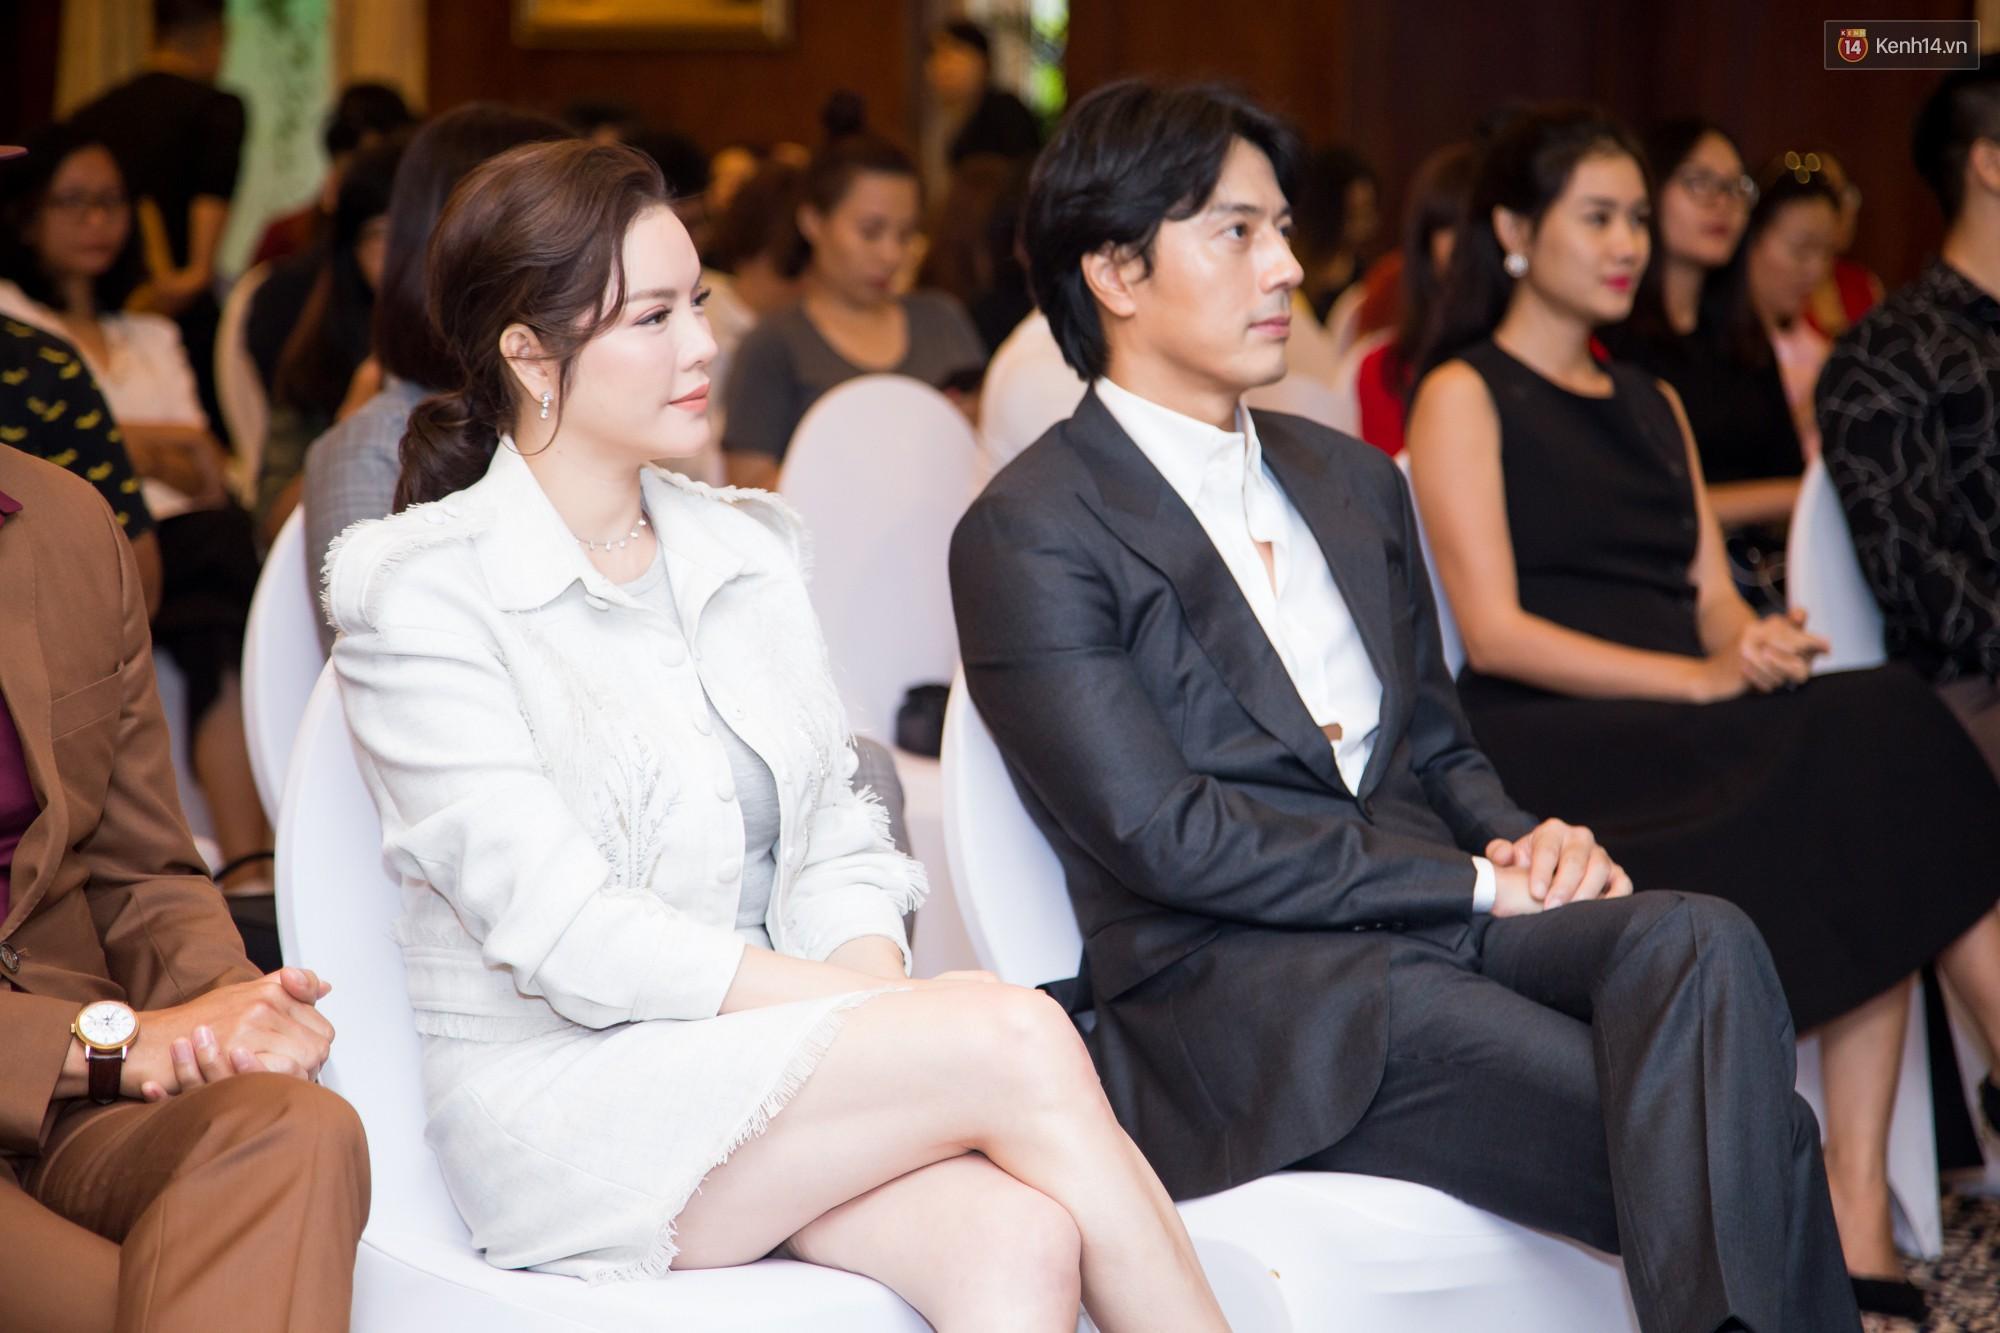 Tài tử Giày Thủy Tinh Han Jae Suk mặt lạnh như tiền ở buổi công bố dự án hợp tác cùng Lý Nhã Kỳ - Ảnh 2.